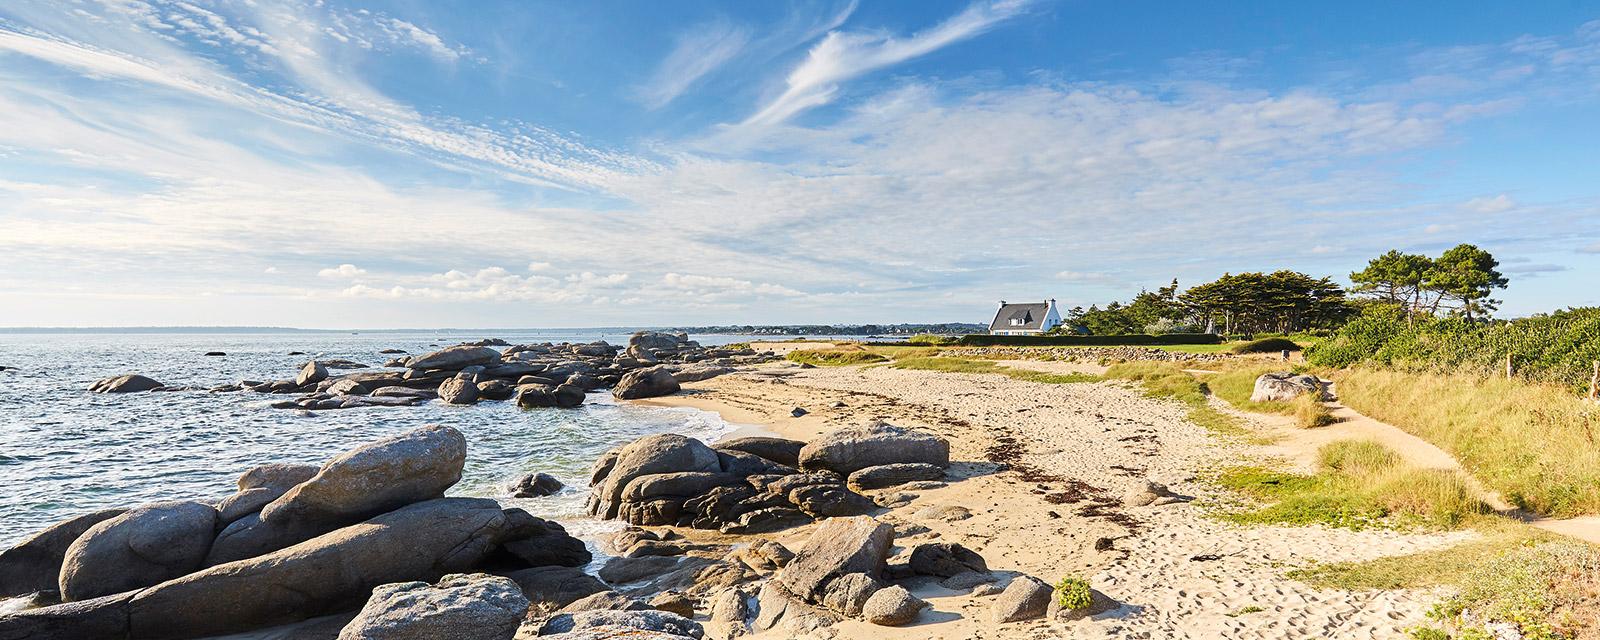 La plage de la Pointe de la jument, la rocheuse